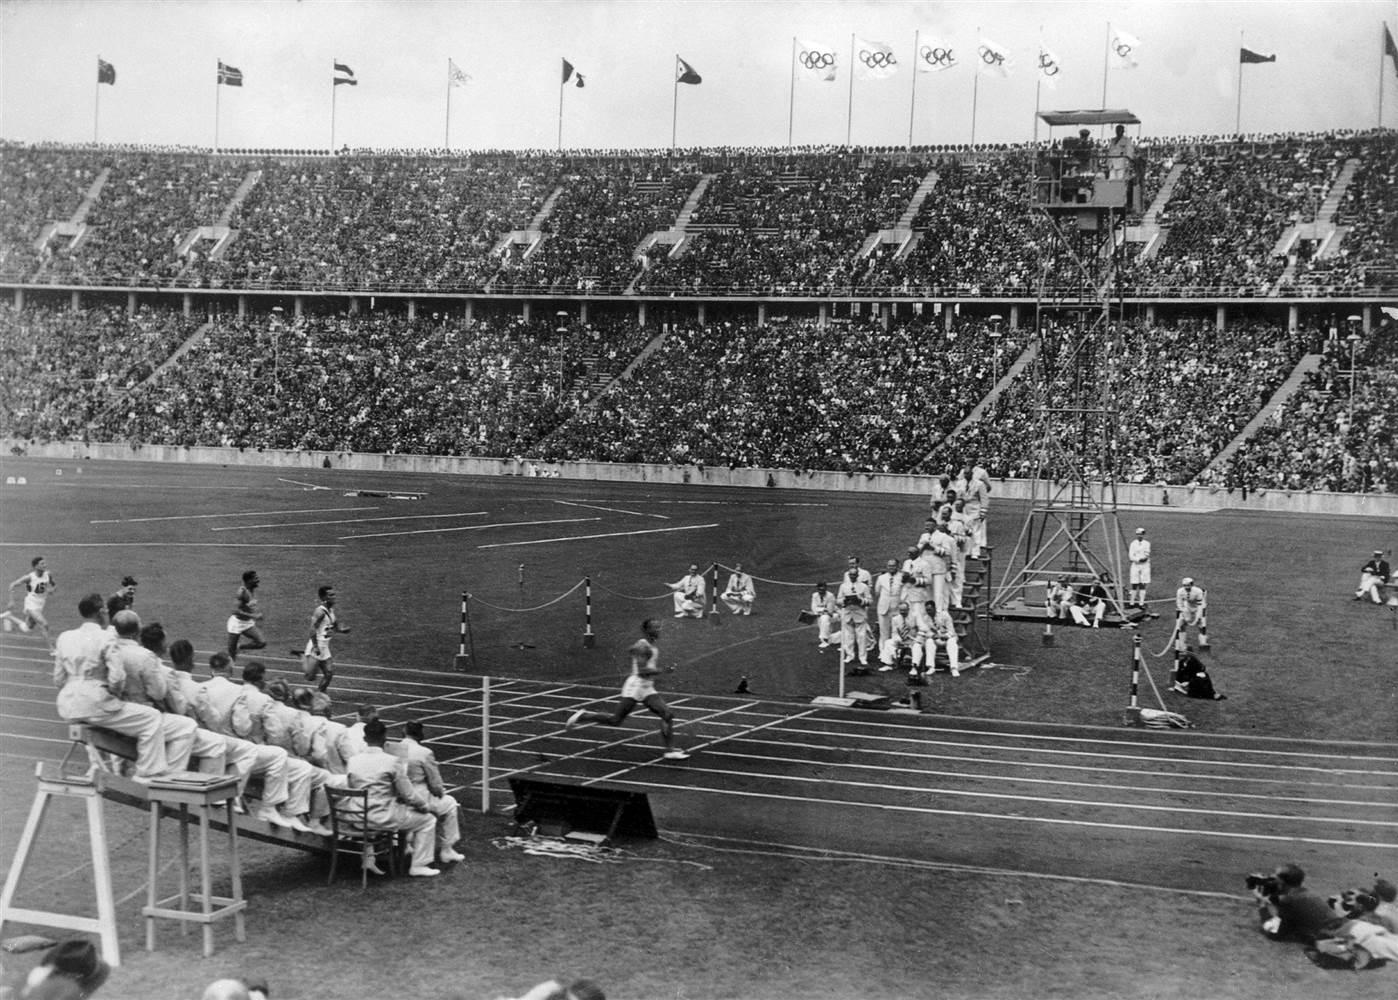 अंतरराष्ट्रीय स्तर पर कबड्डी को ले जाने का श्रेय महाराष्ट्र के हनुमान व्यायाम प्रसारक को जाता है. साल 1936 में बर्लिन ओलिंपिक में दुनिया के सामने इस खेल को रखा. इसके दो साल बाद इसे कलकत्ता में हुए नेशनल गेम्स में शामिल किया गया था. (file)